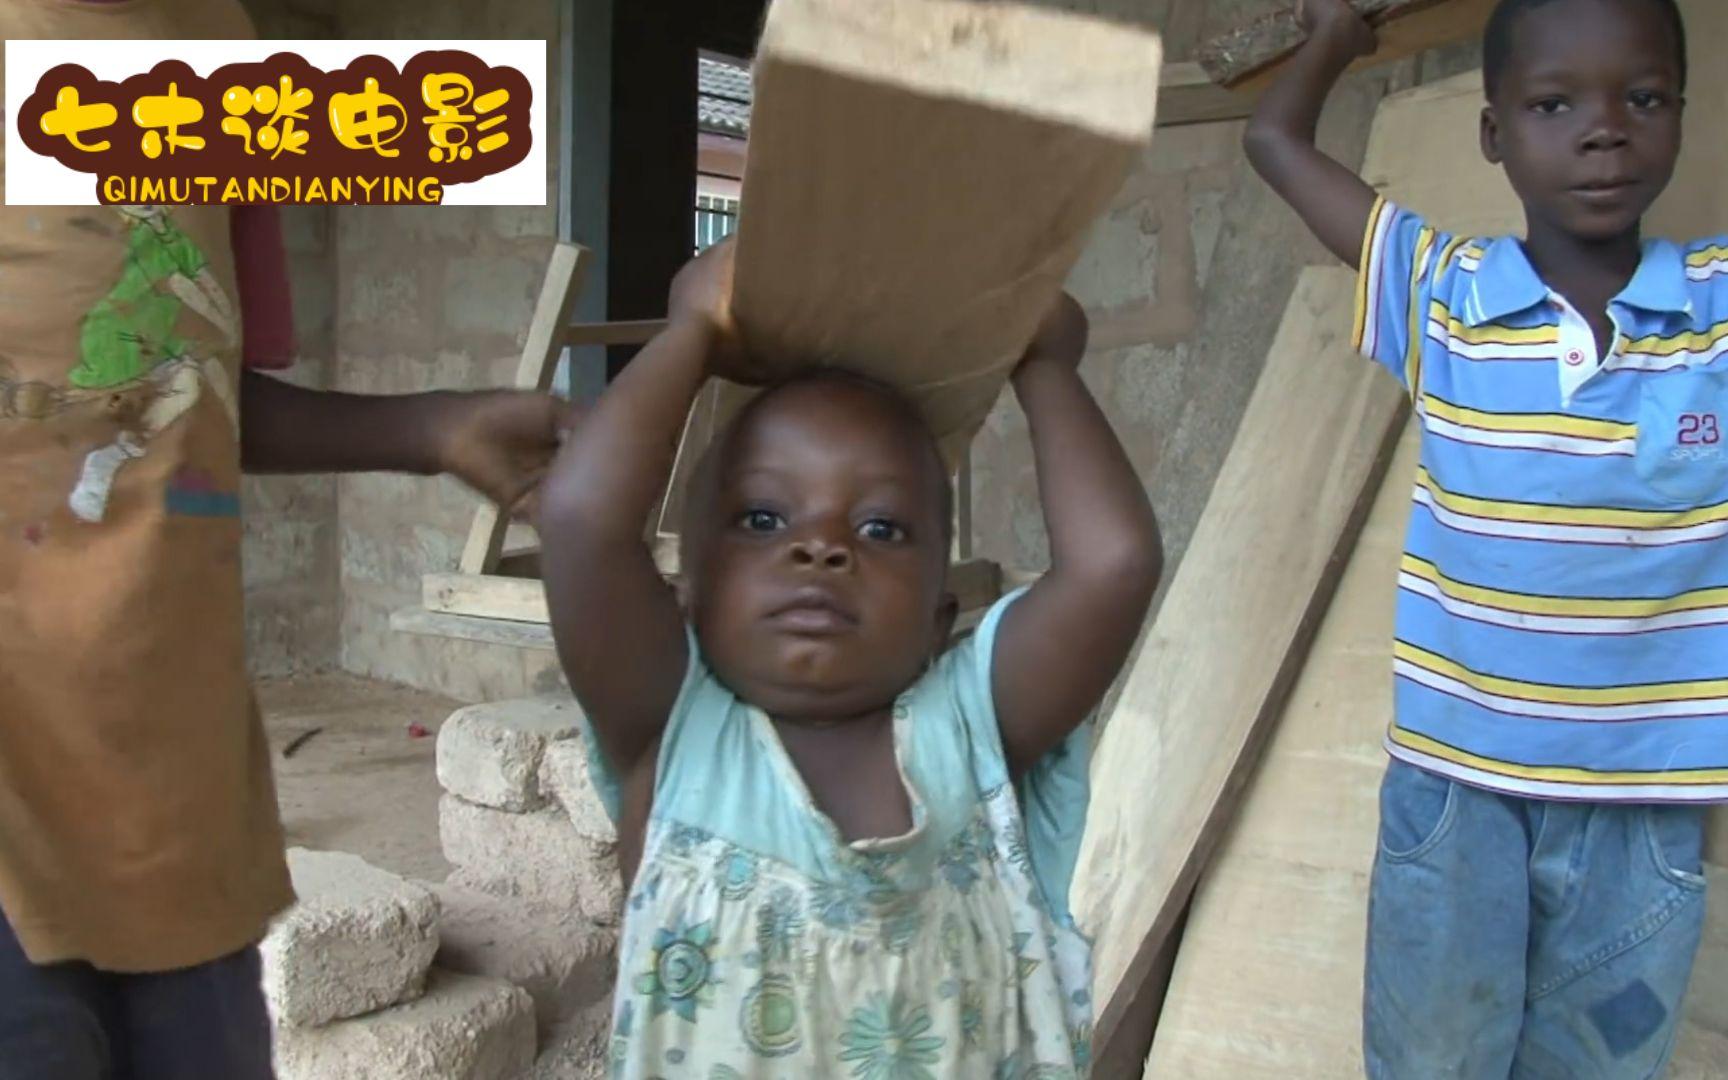 8岁男孩搬木材为弟弟赚零食,损坏一双破旧凉鞋舍不得扔,纪录片